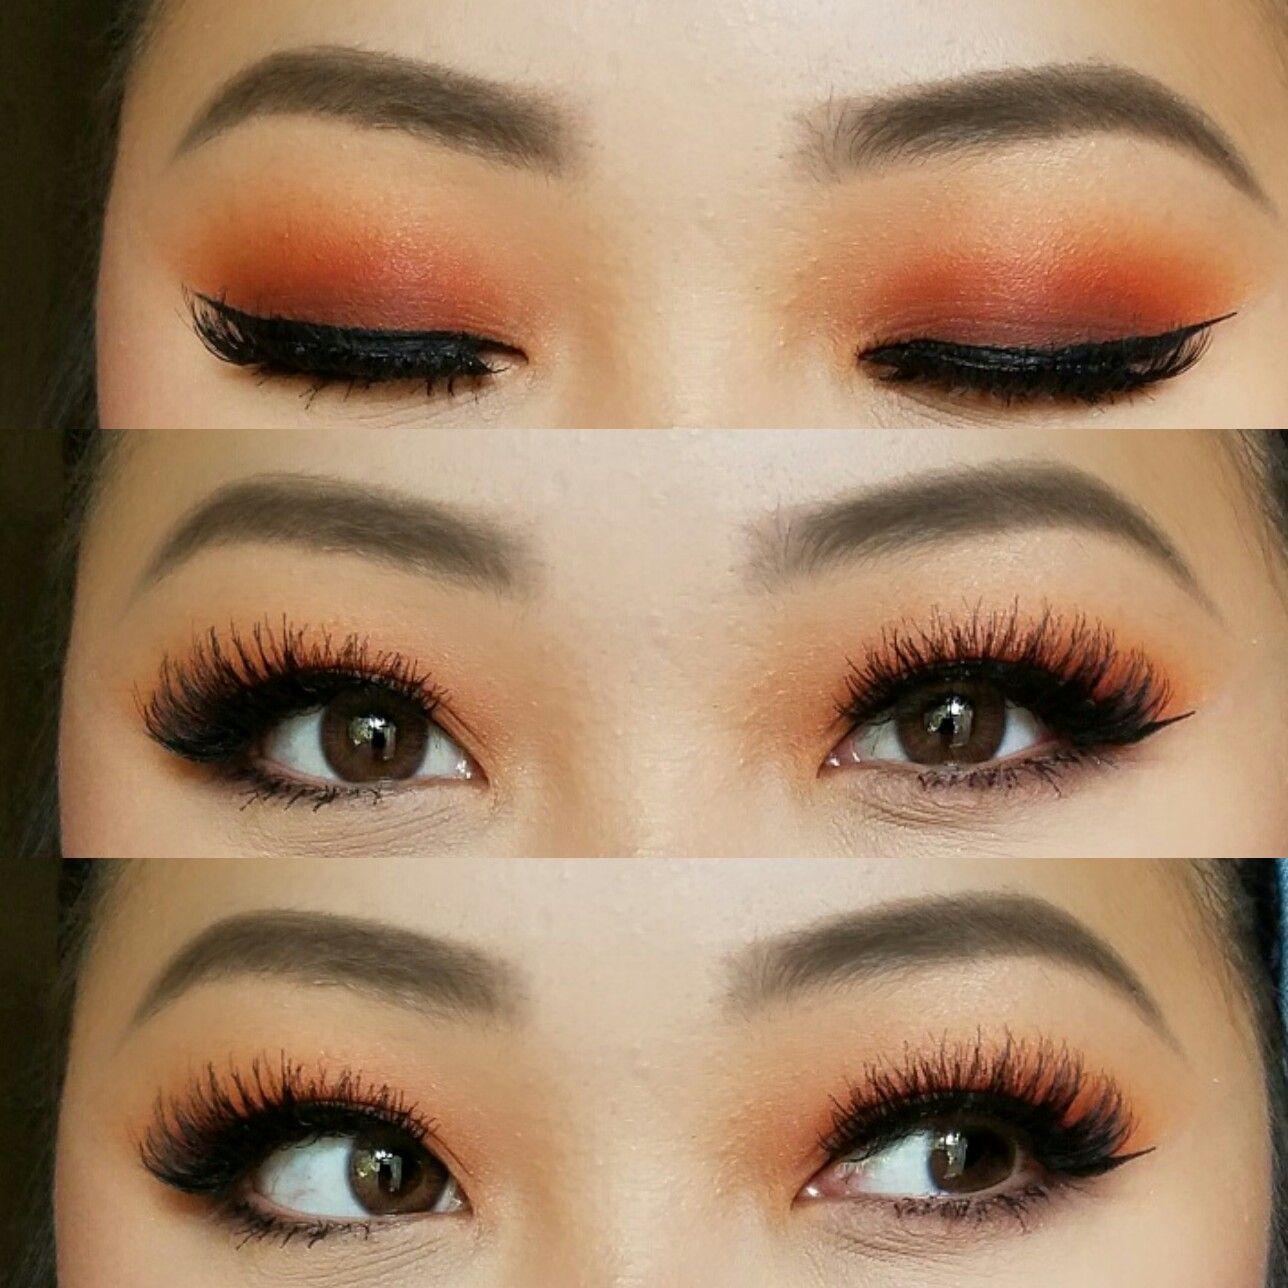 #day of the dead makeup ideas #easy clown makeup ideas #women's halloween makeup…